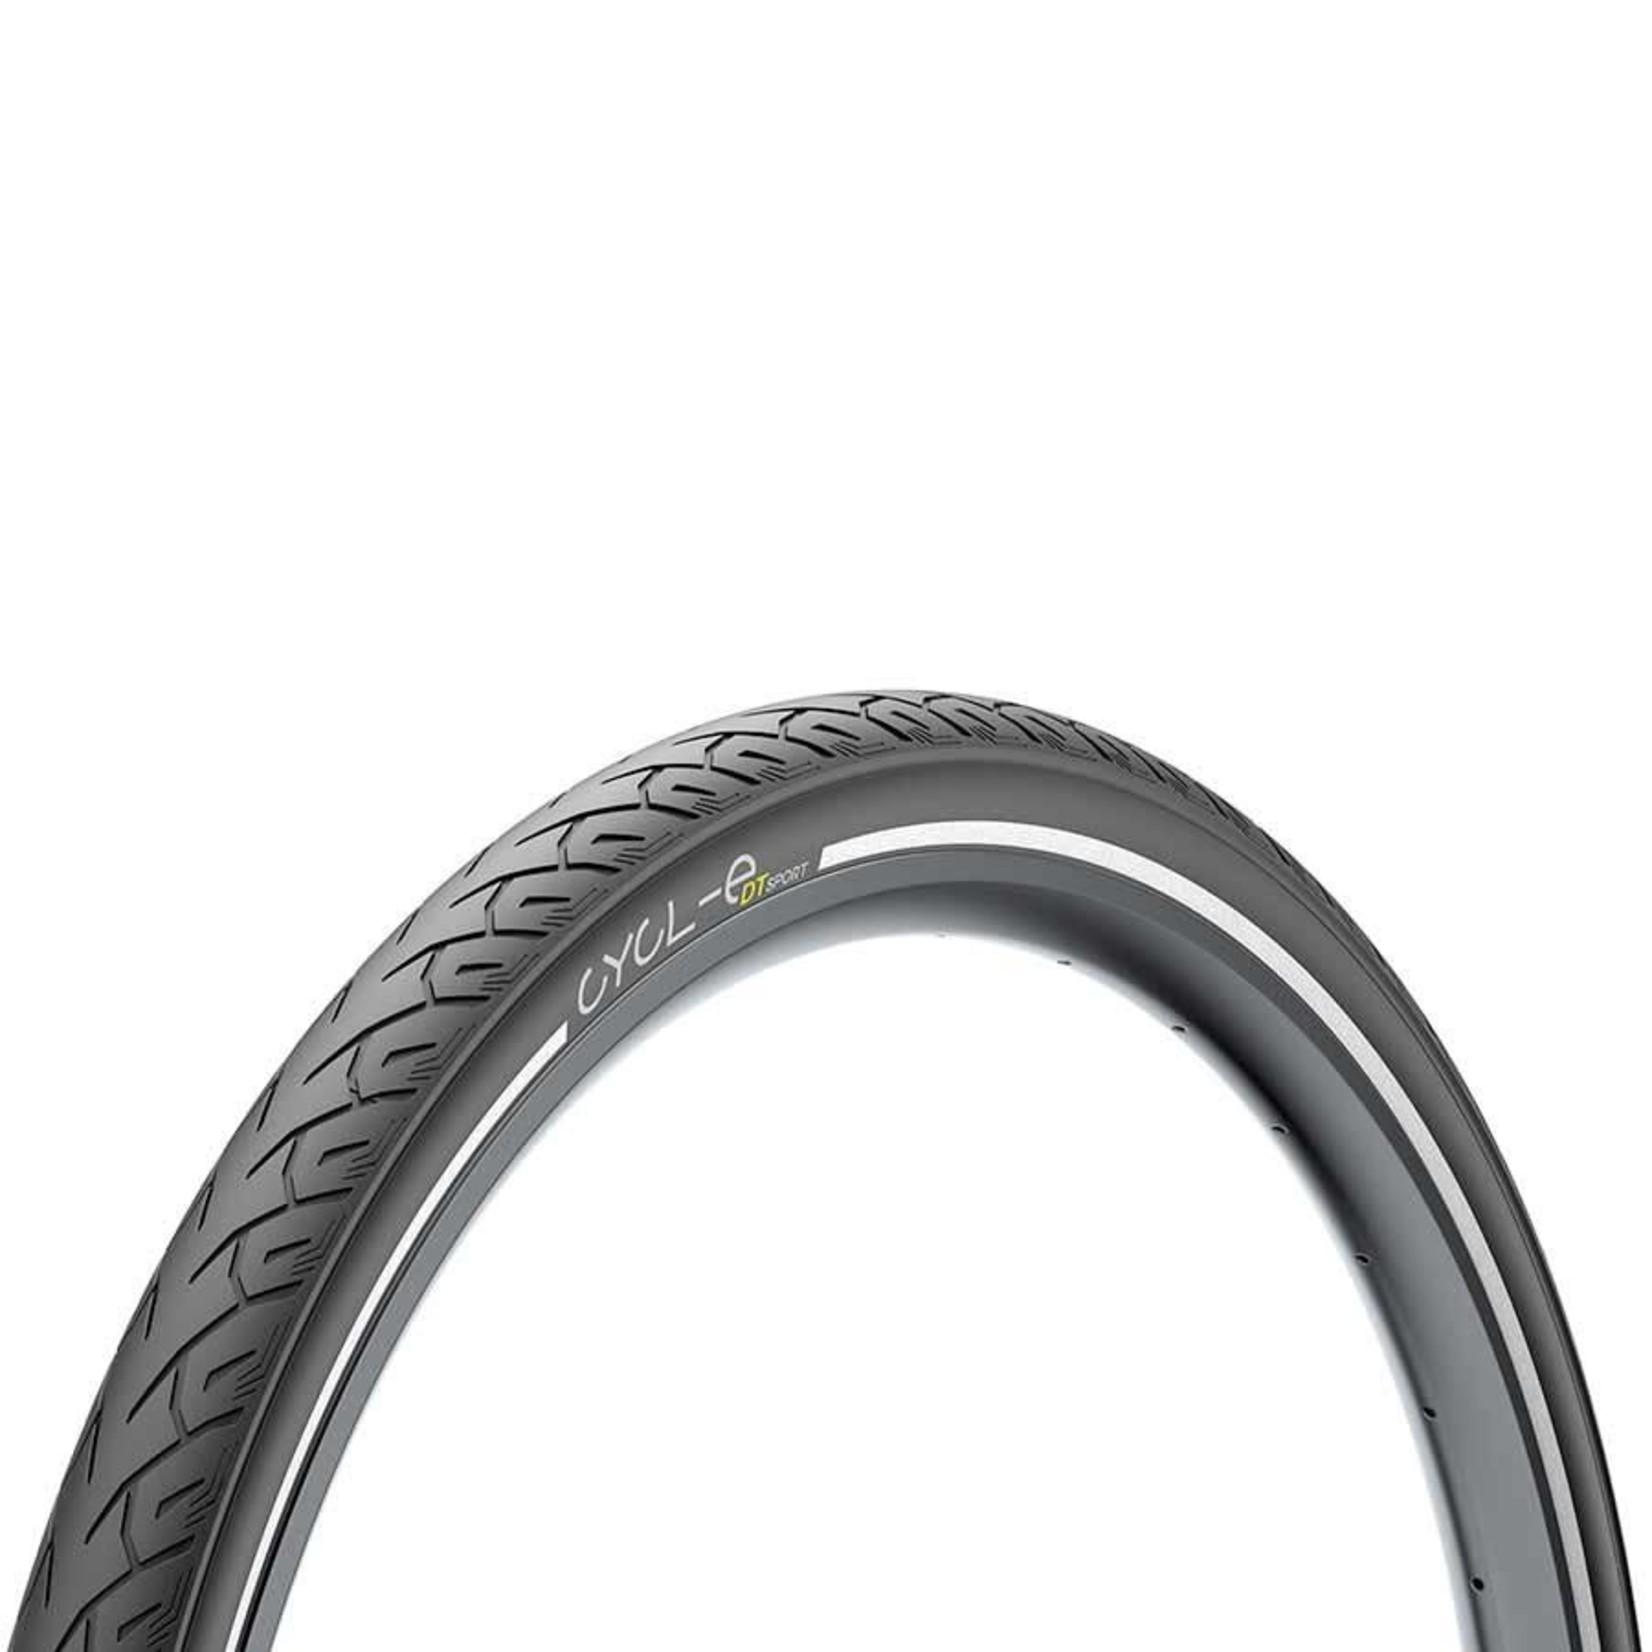 Pirelli Pirelli Cycl-e DTs Tire